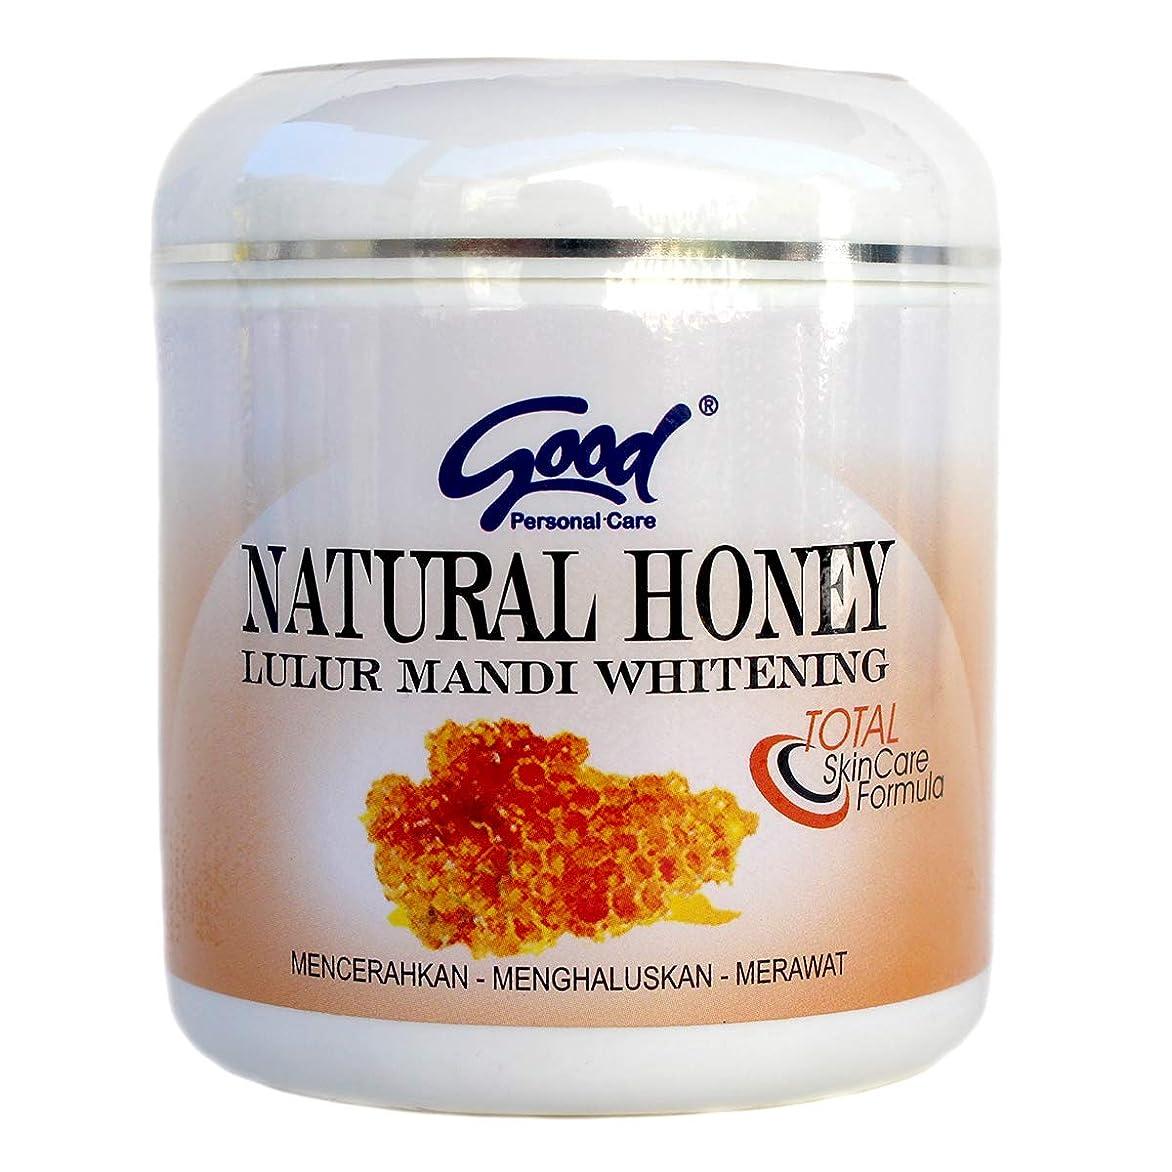 初期の支援するチューインガムgood グッド インドネシアバリ島の伝統的なボディスクラブ Lulur Mandi マンディルルール 200g Natural Honey ナチュラルハニー [海外直送品]